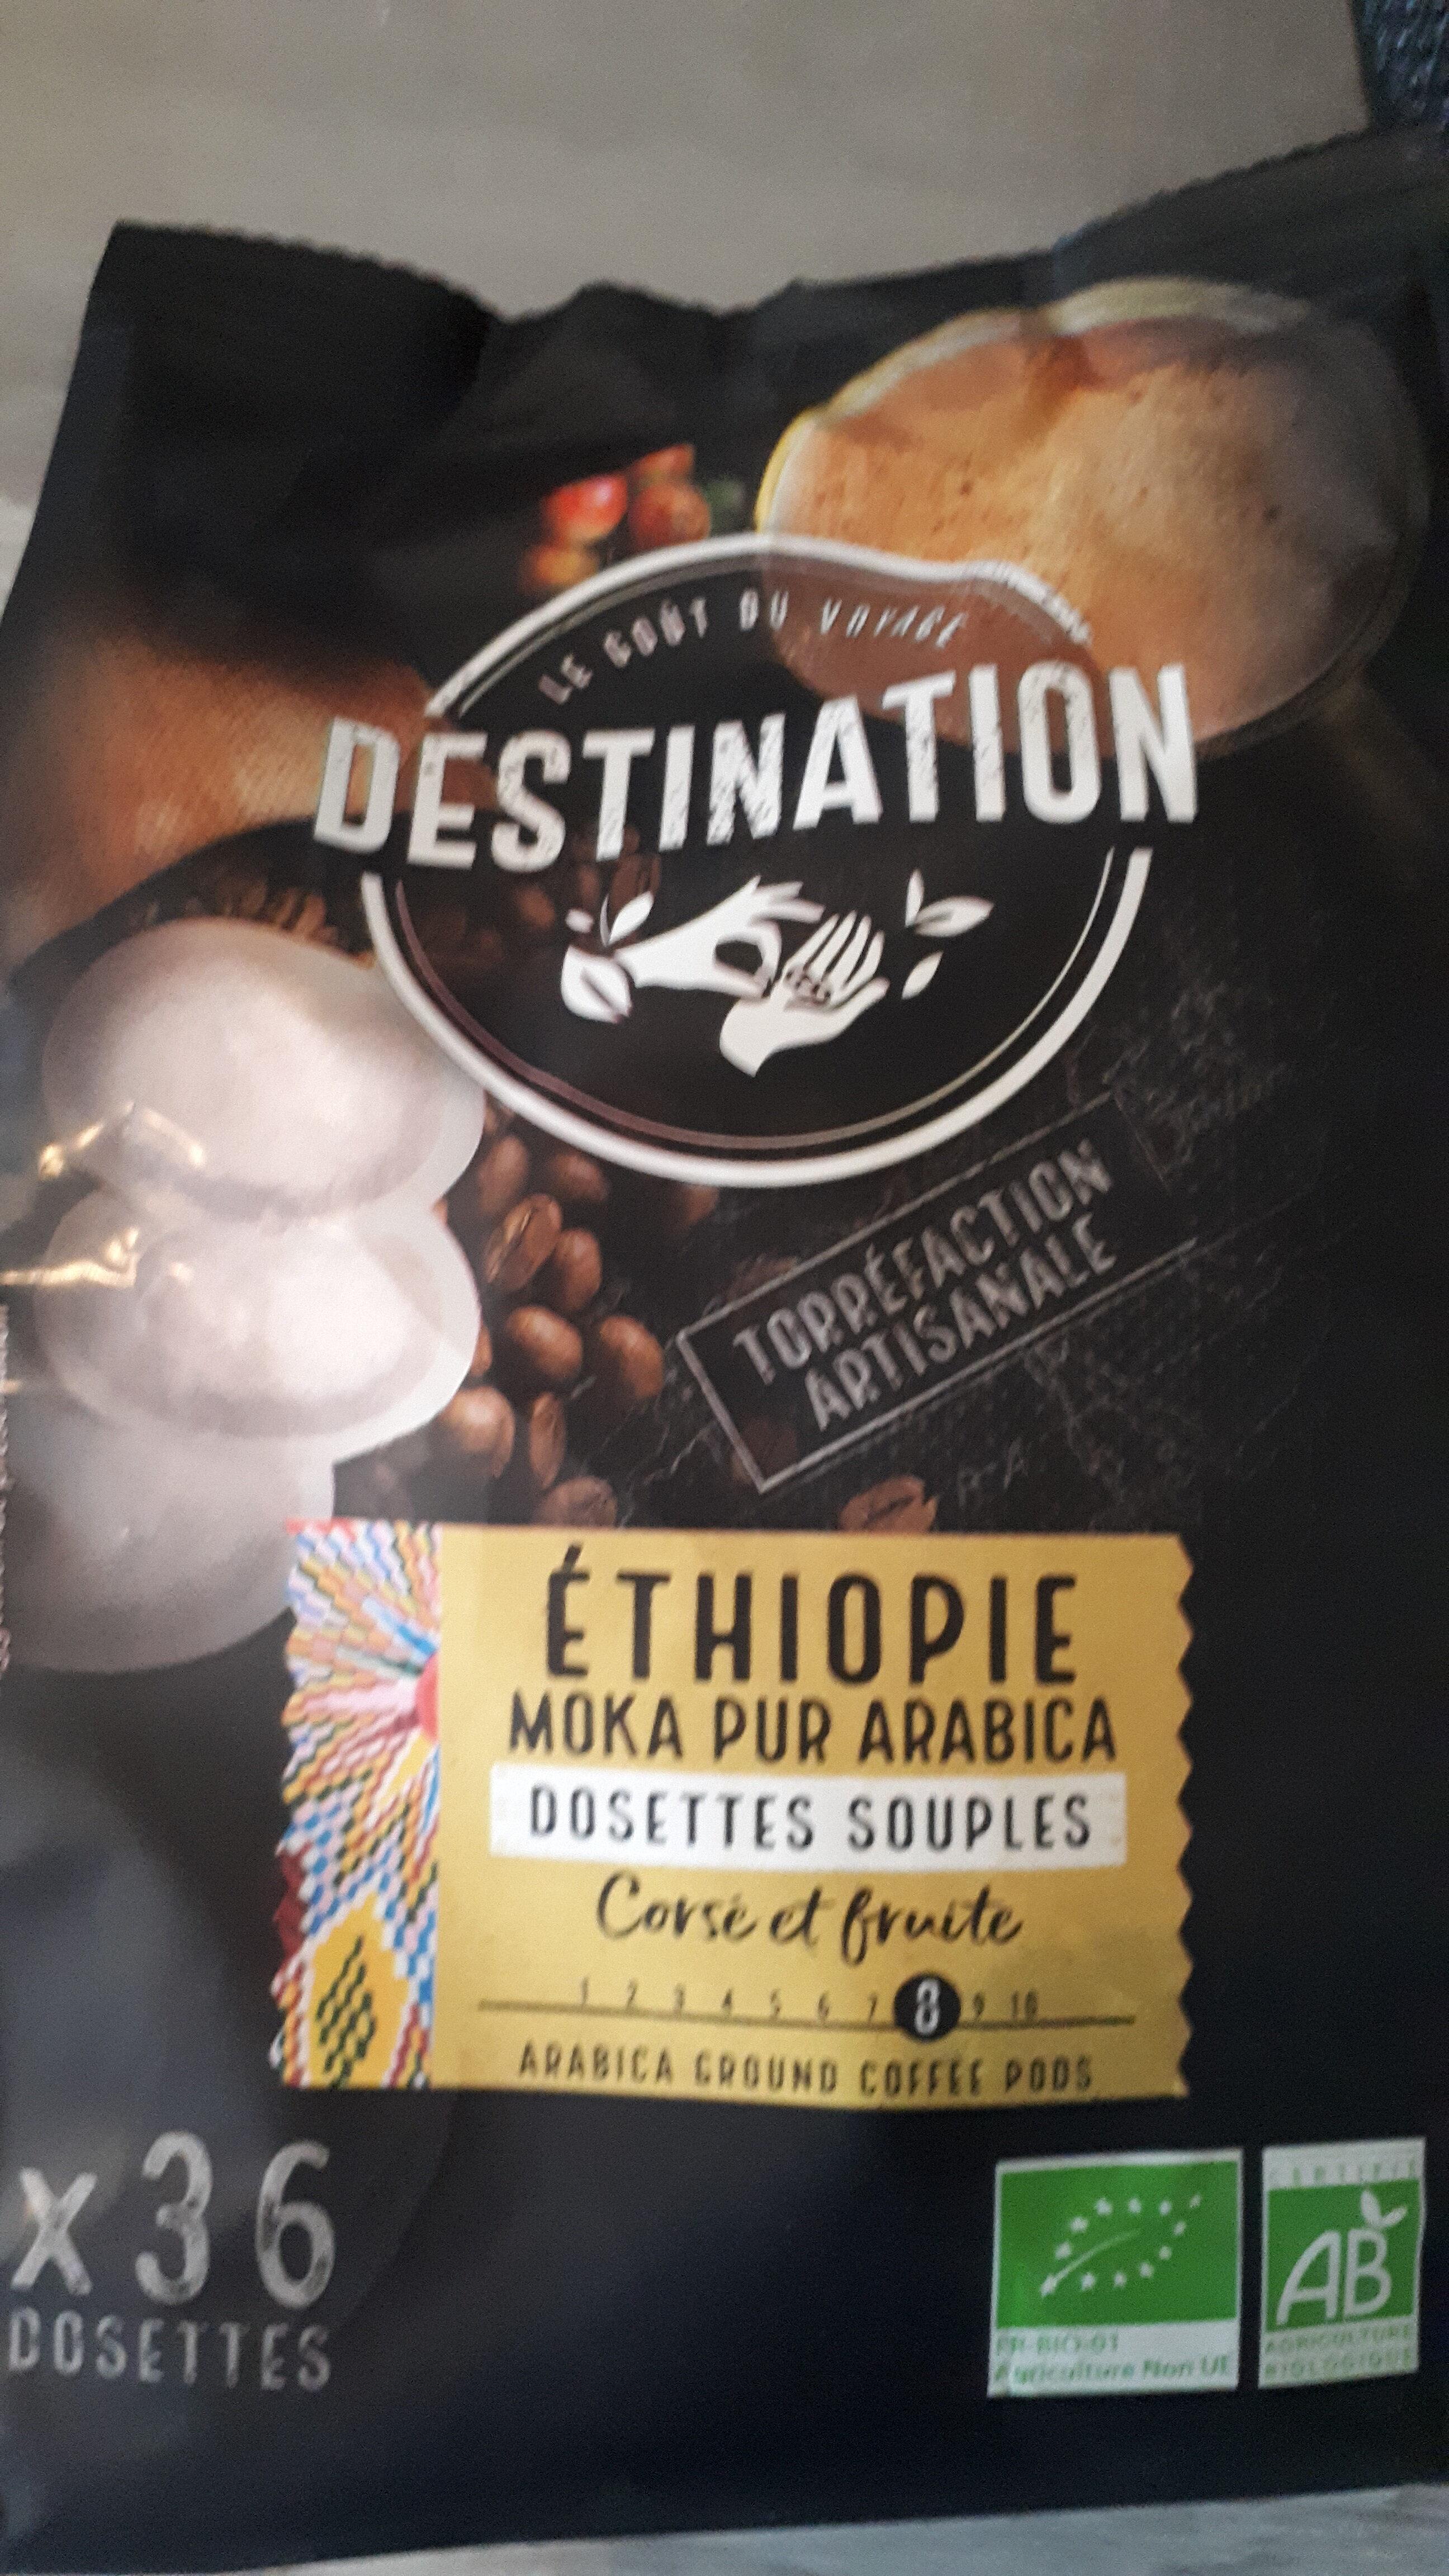 DOSETTES SOUPLES MOKA ETHIOPIE - Product - fr